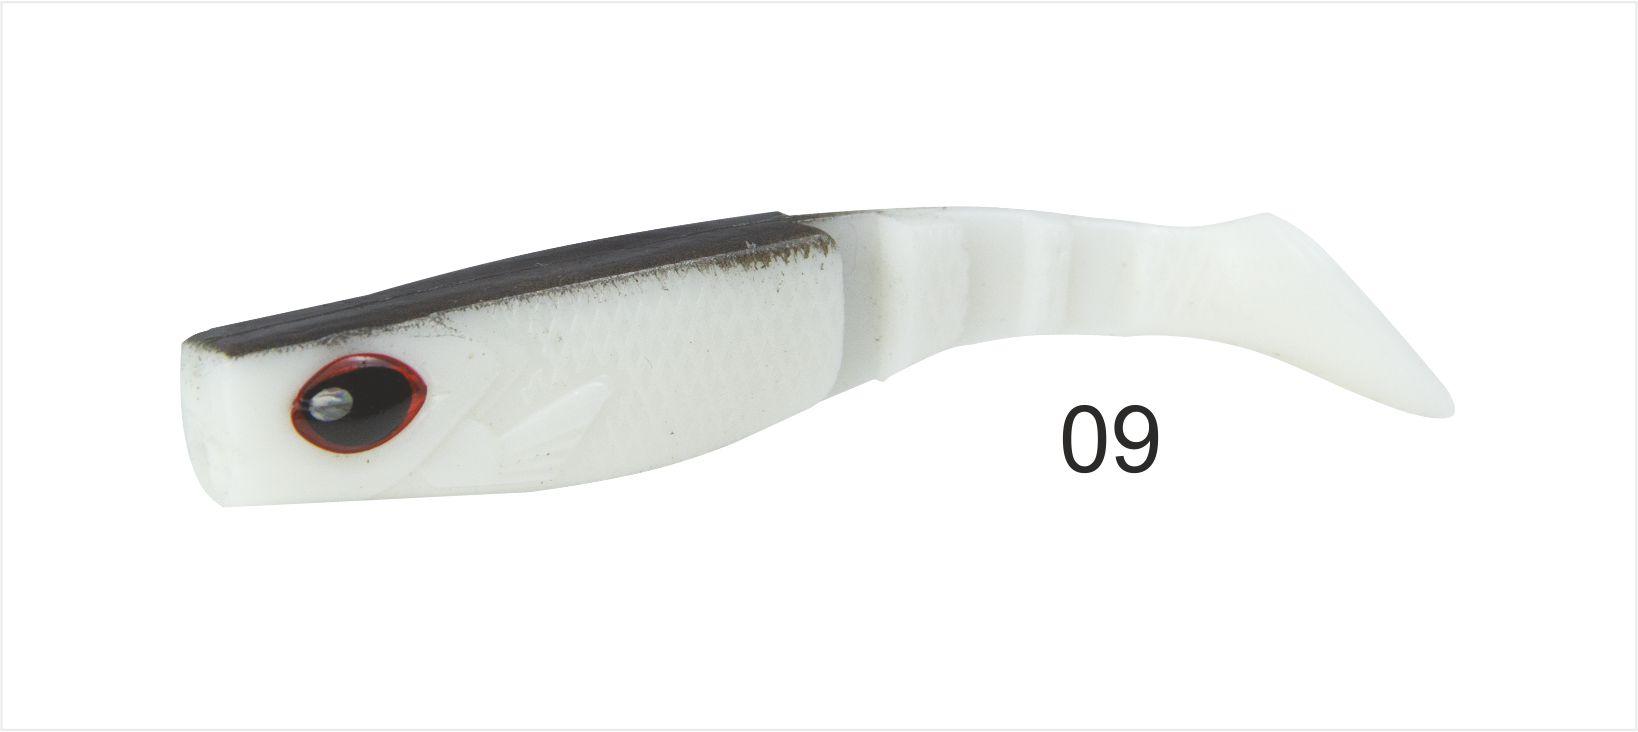 Mistrall gumová nástraha Dominátor 6,5 cm Možnost 09